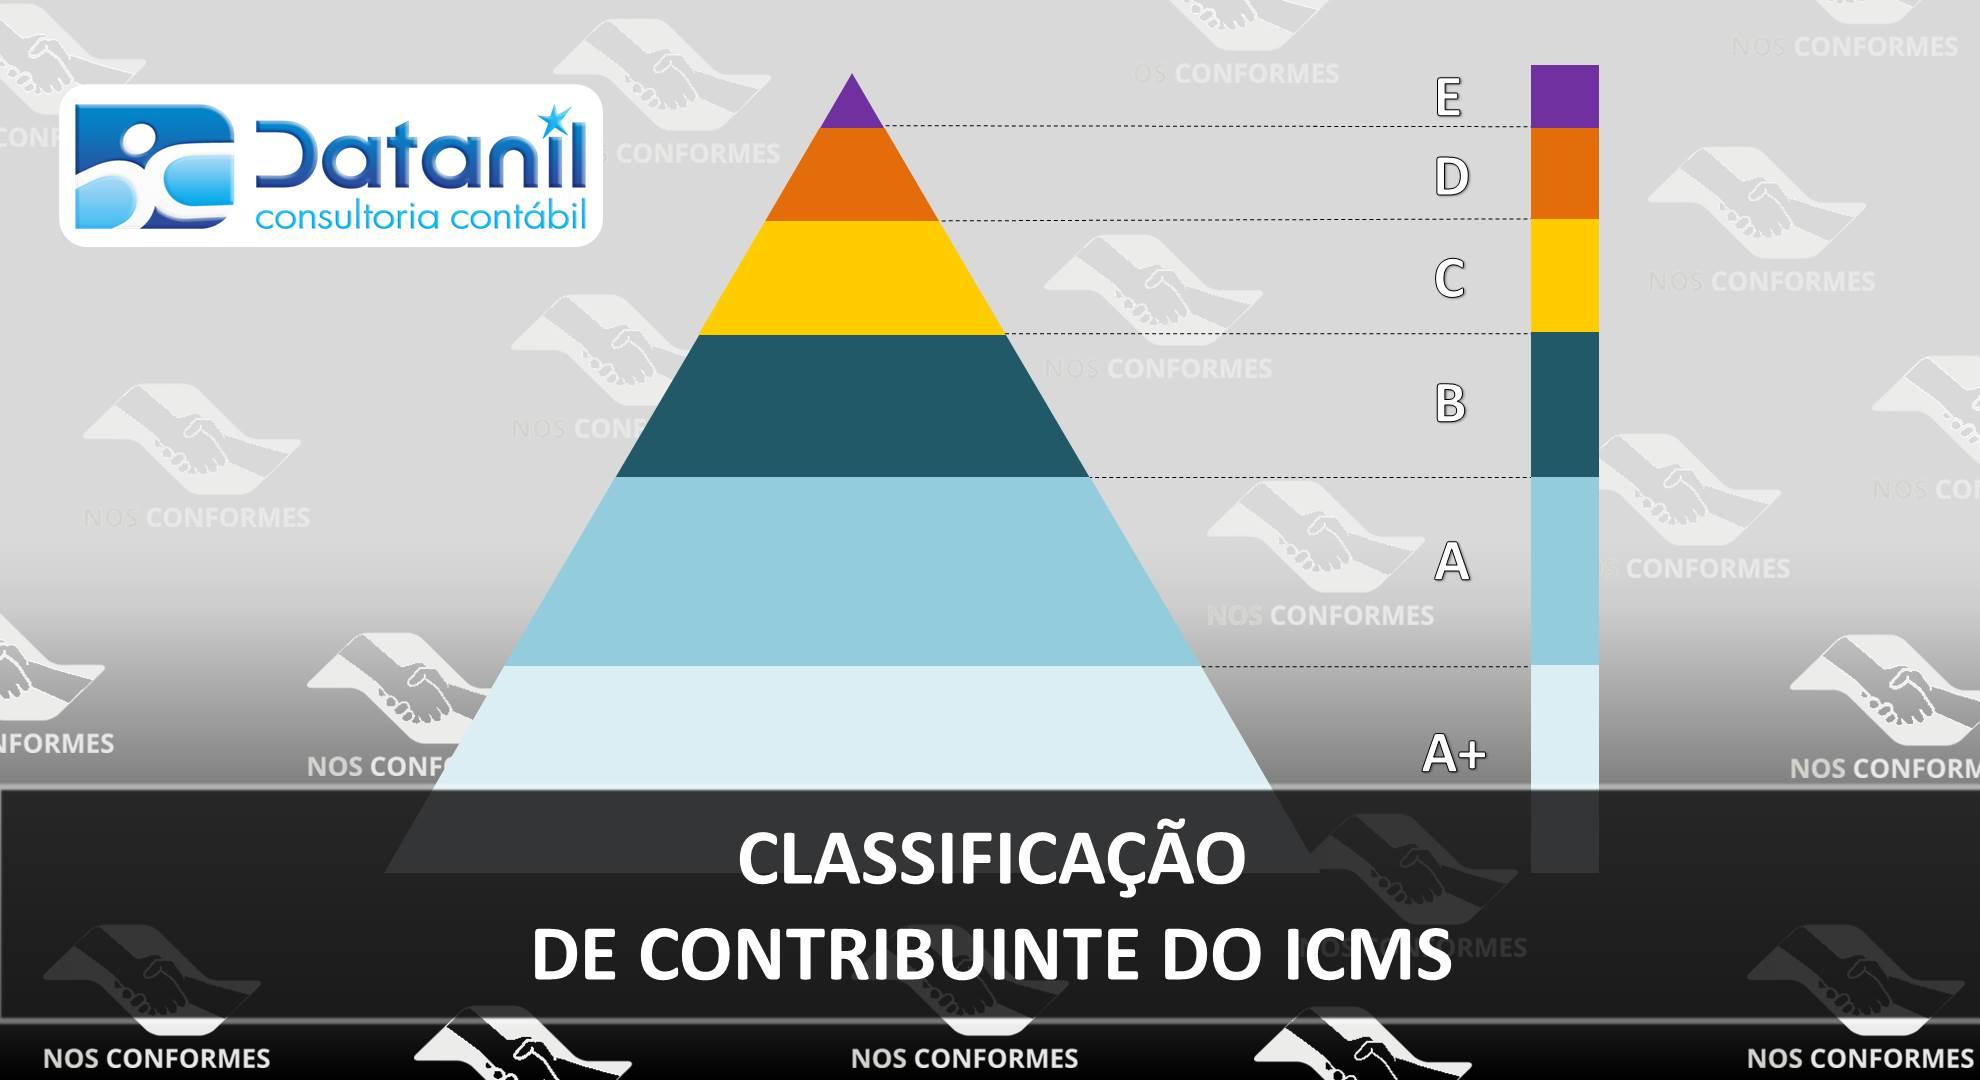 Secretaria Da Fazenda E Planejamento Regulamenta Classificação De Contribuintes Do ICMS